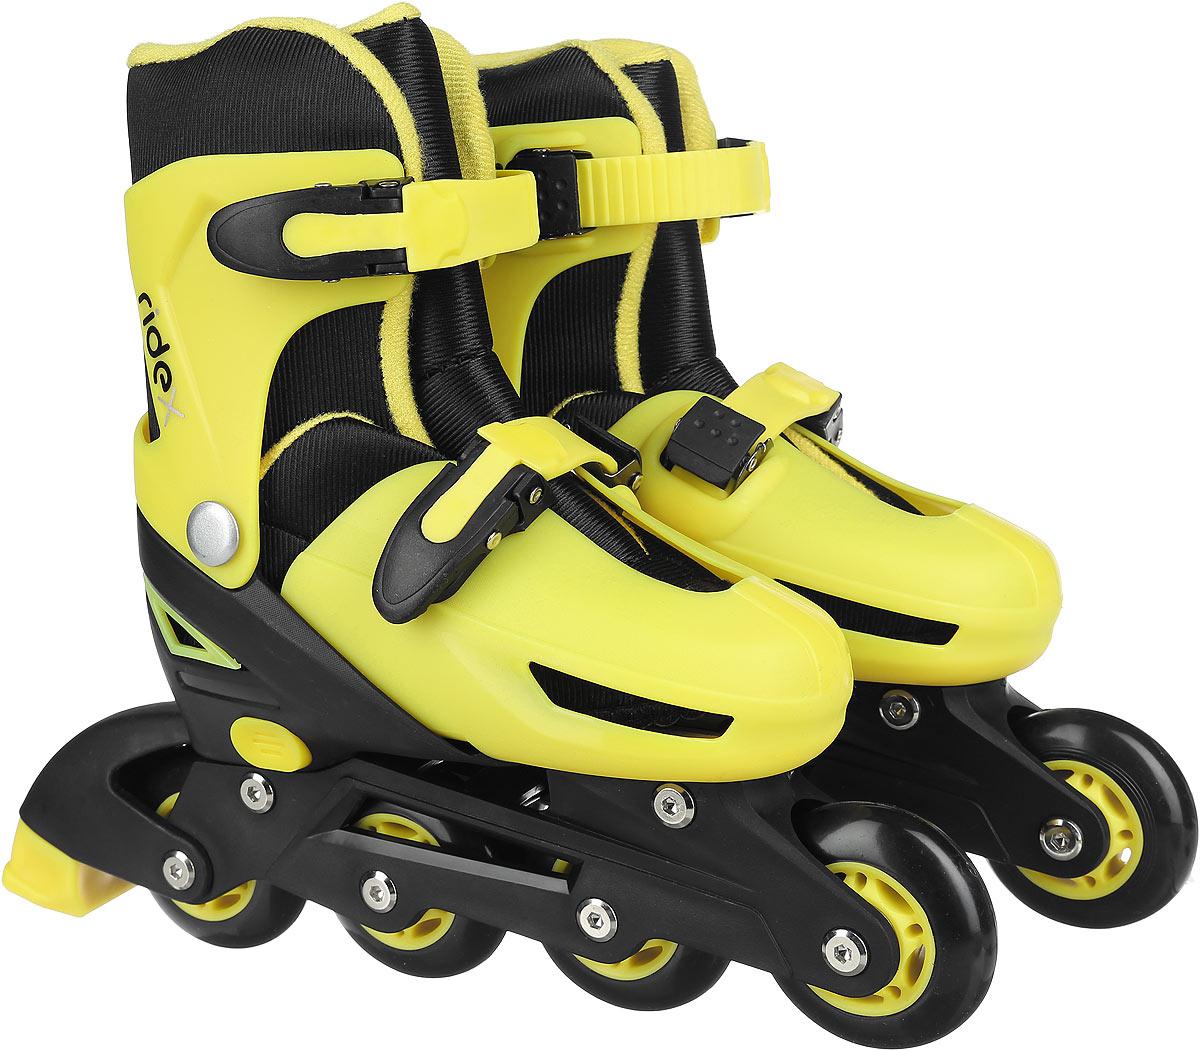 Коньки роликовые Ridex Champion, раздвижные, цвет: черный, желтый. УТ-00008209. Размер 31/34